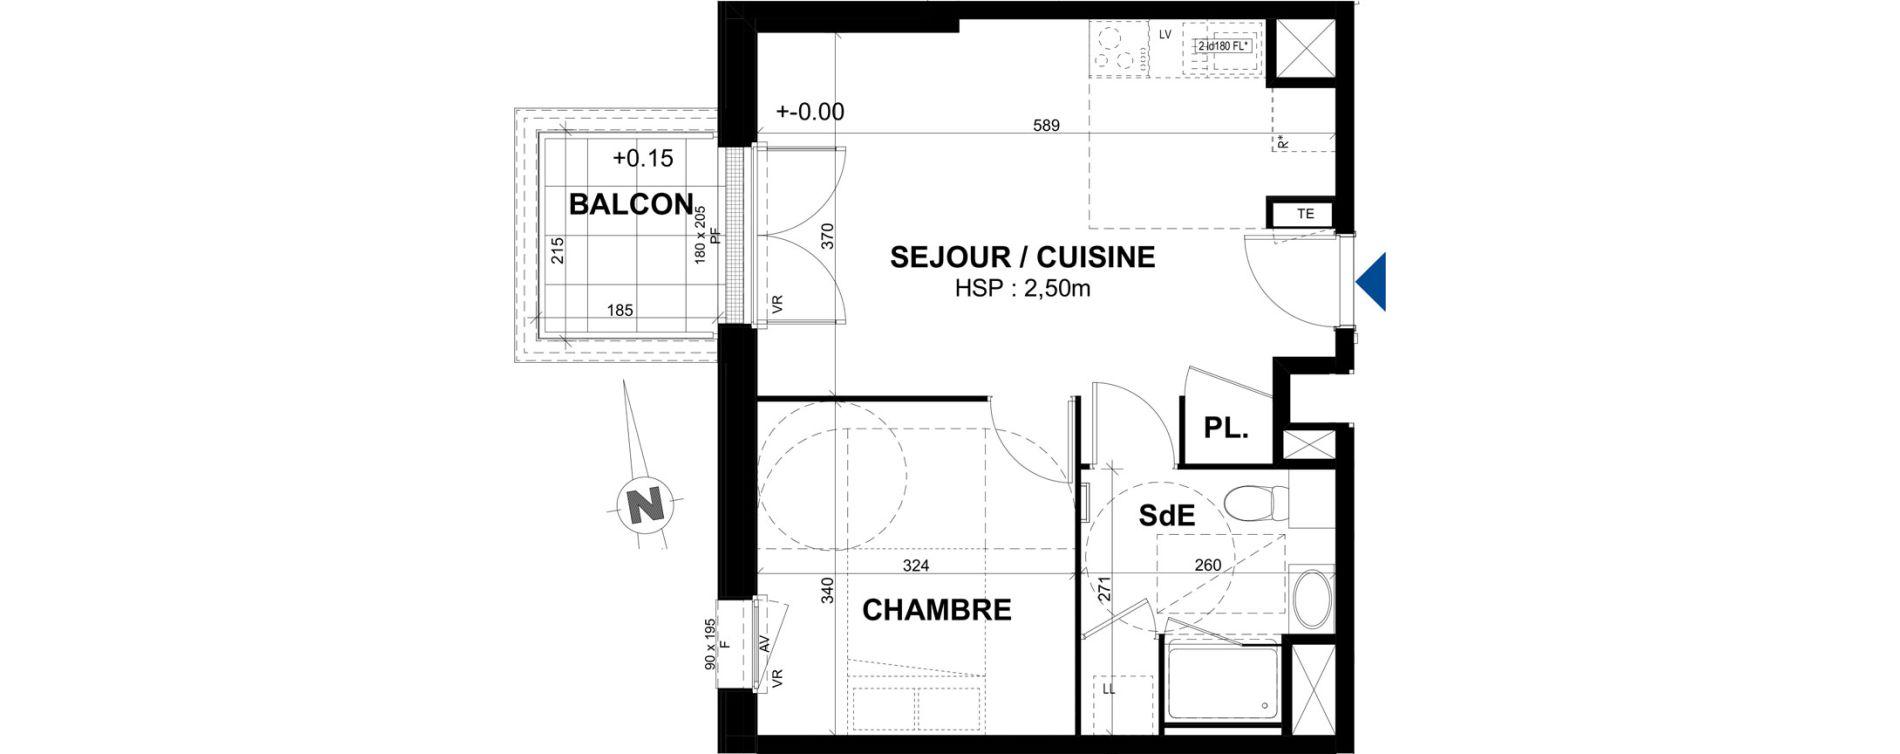 Appartement T2 de 39,85 m2 à Rennes Bréquigny